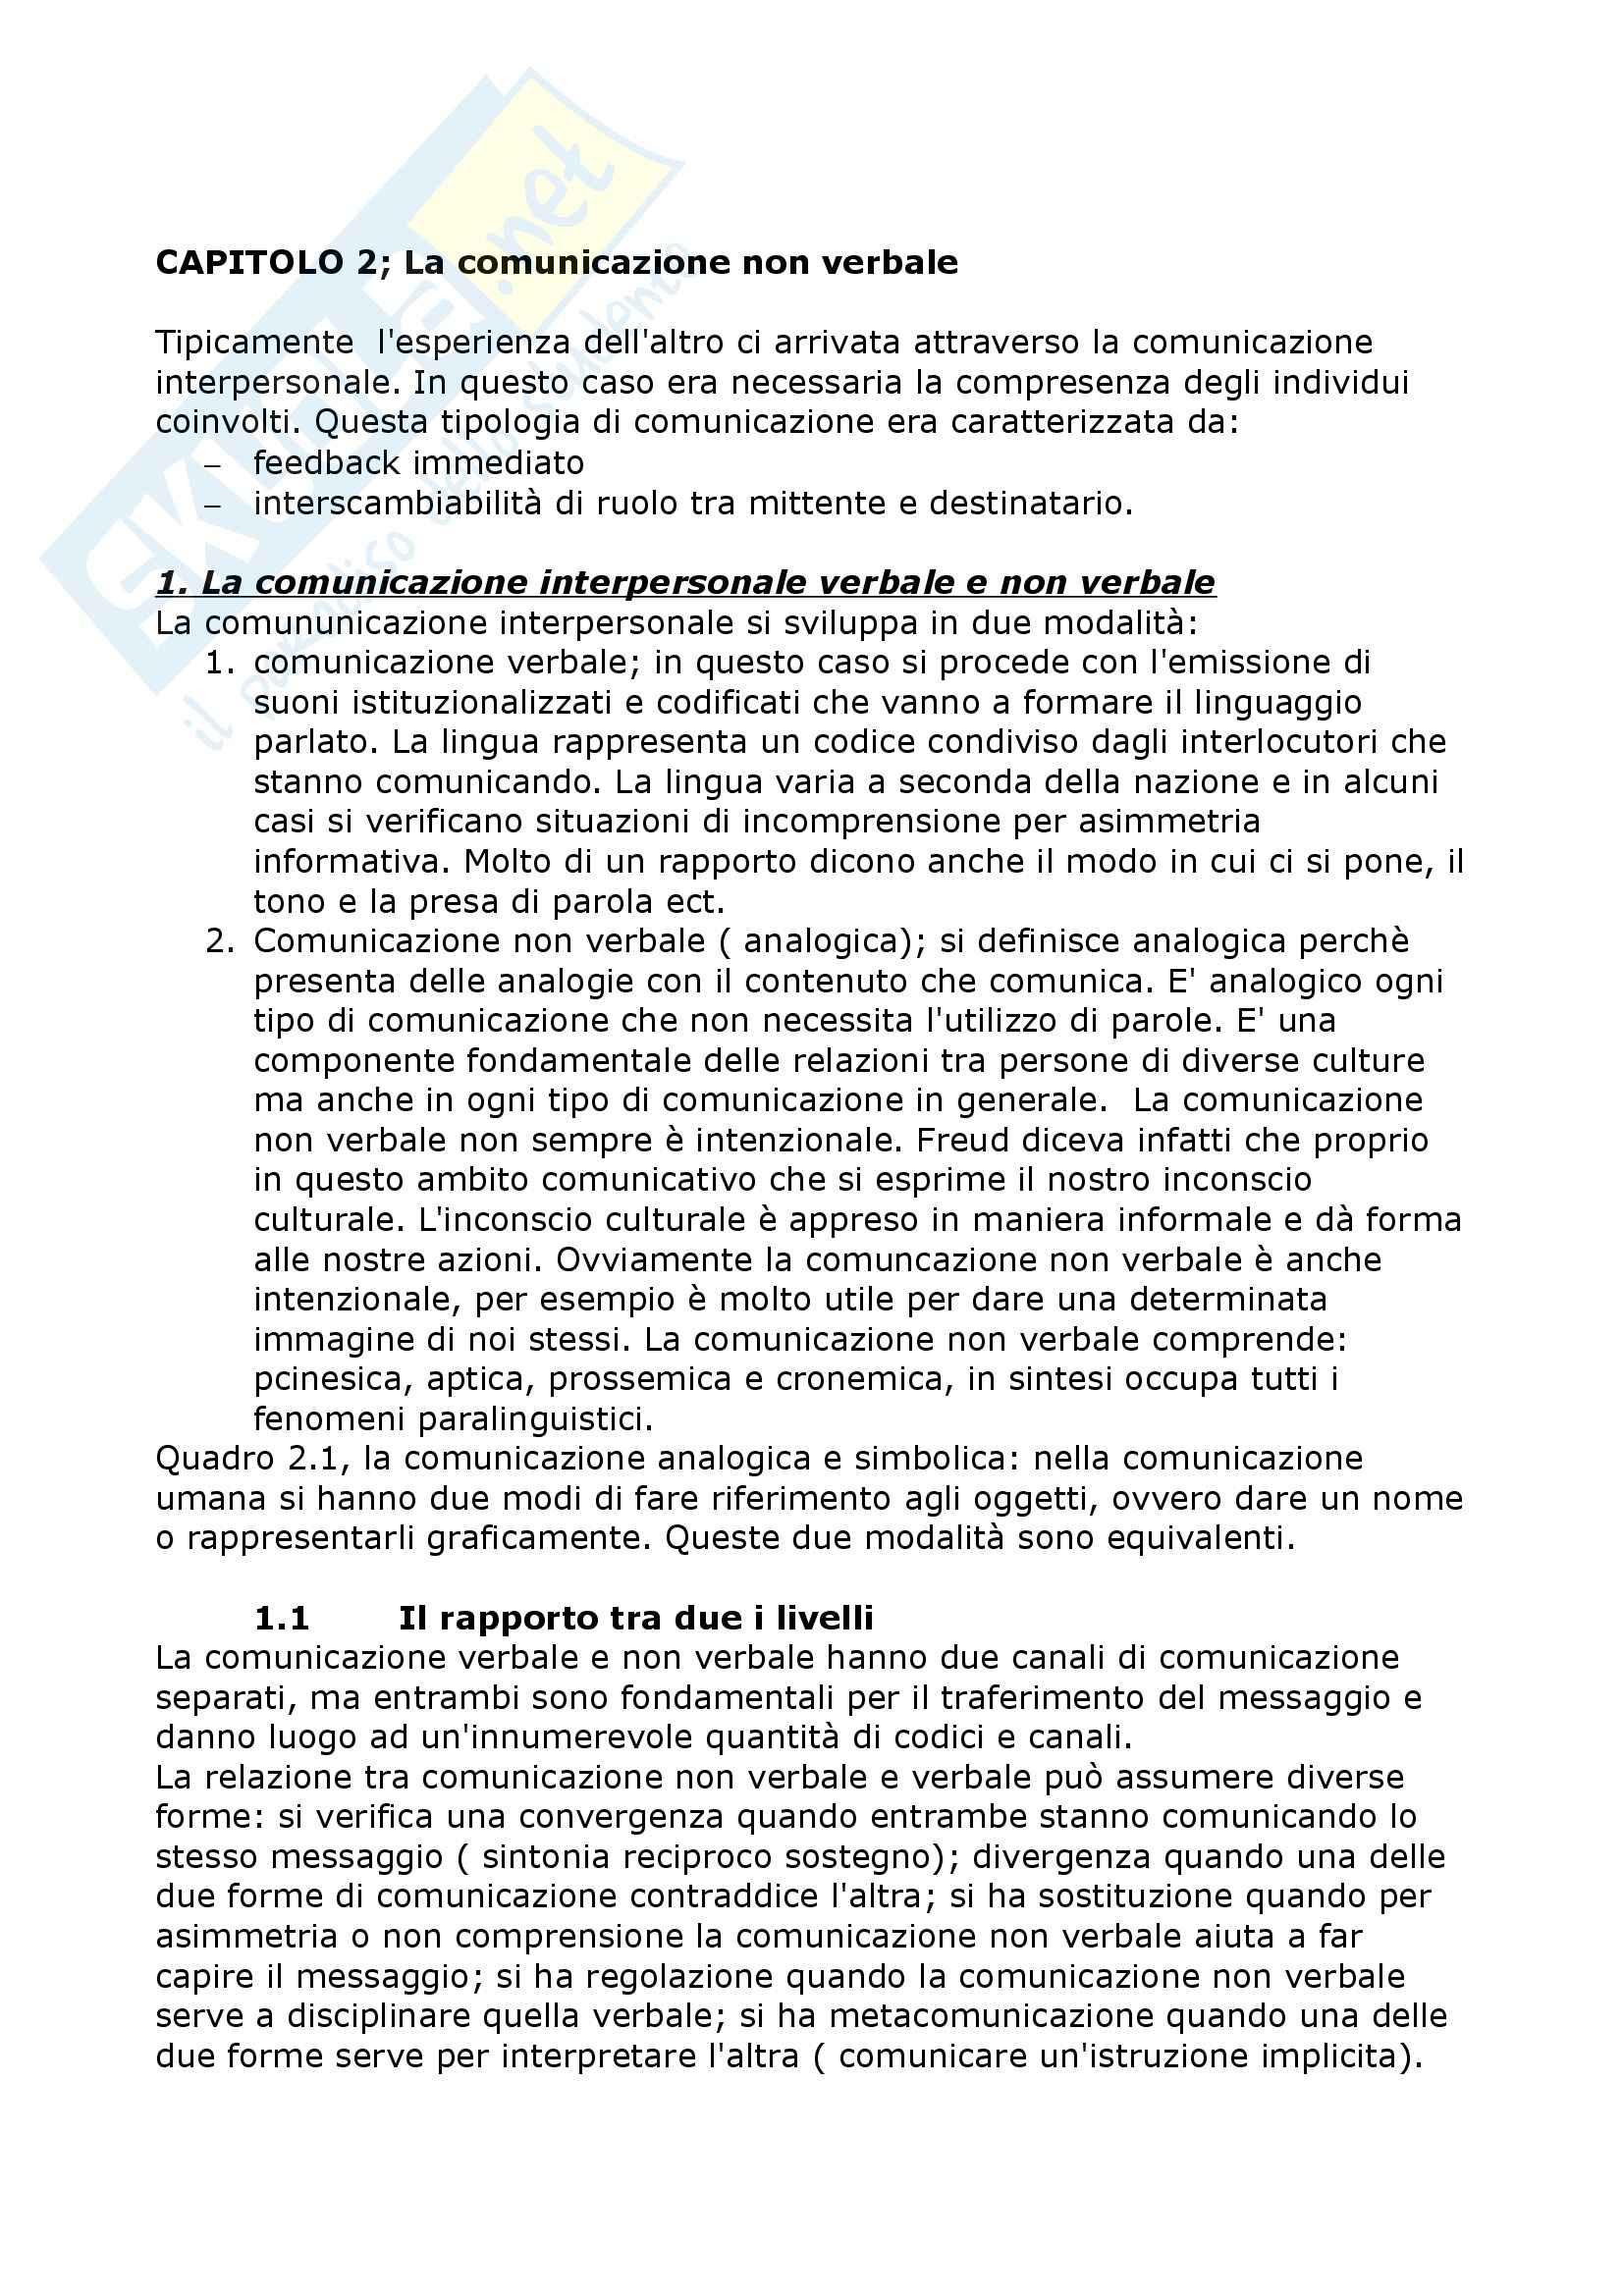 Riassunto esame Sociologia dei media, prof. Giaccardi, libro consigliato La comunicazione interculturale nell'epoca digitale, Giaccardi